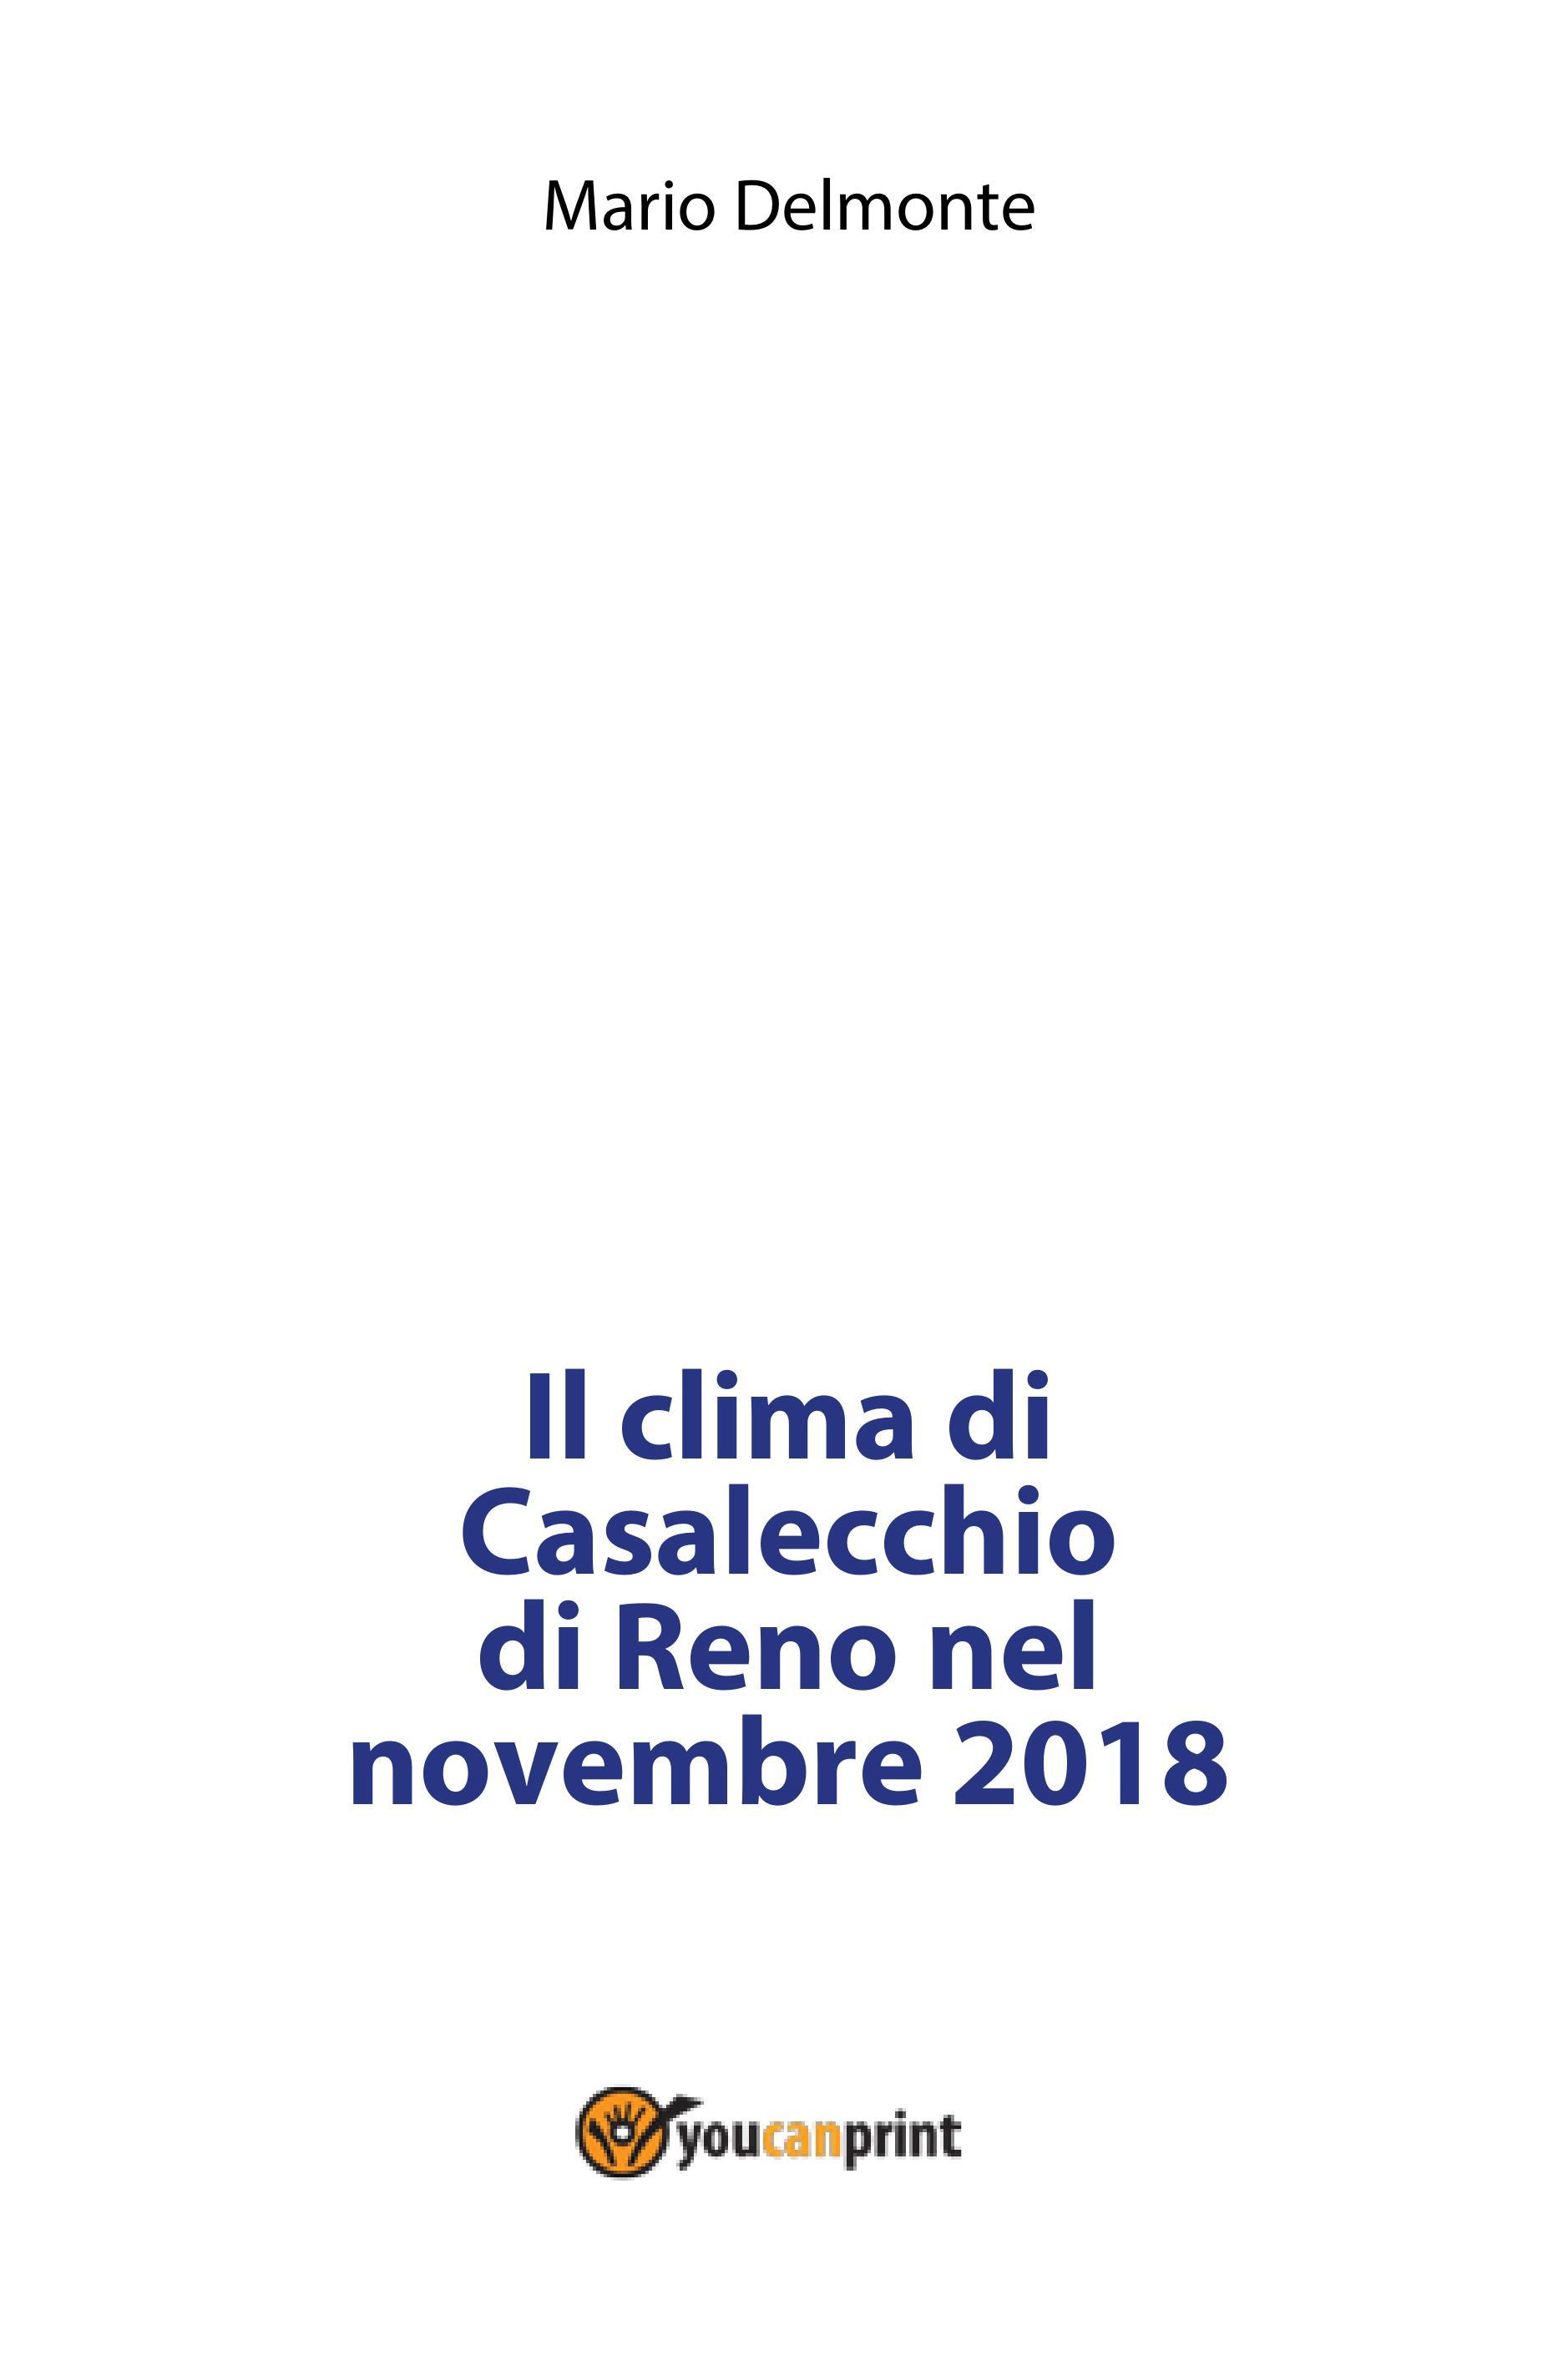 Il clima di Casalecchio di Reno nel novembre 2018